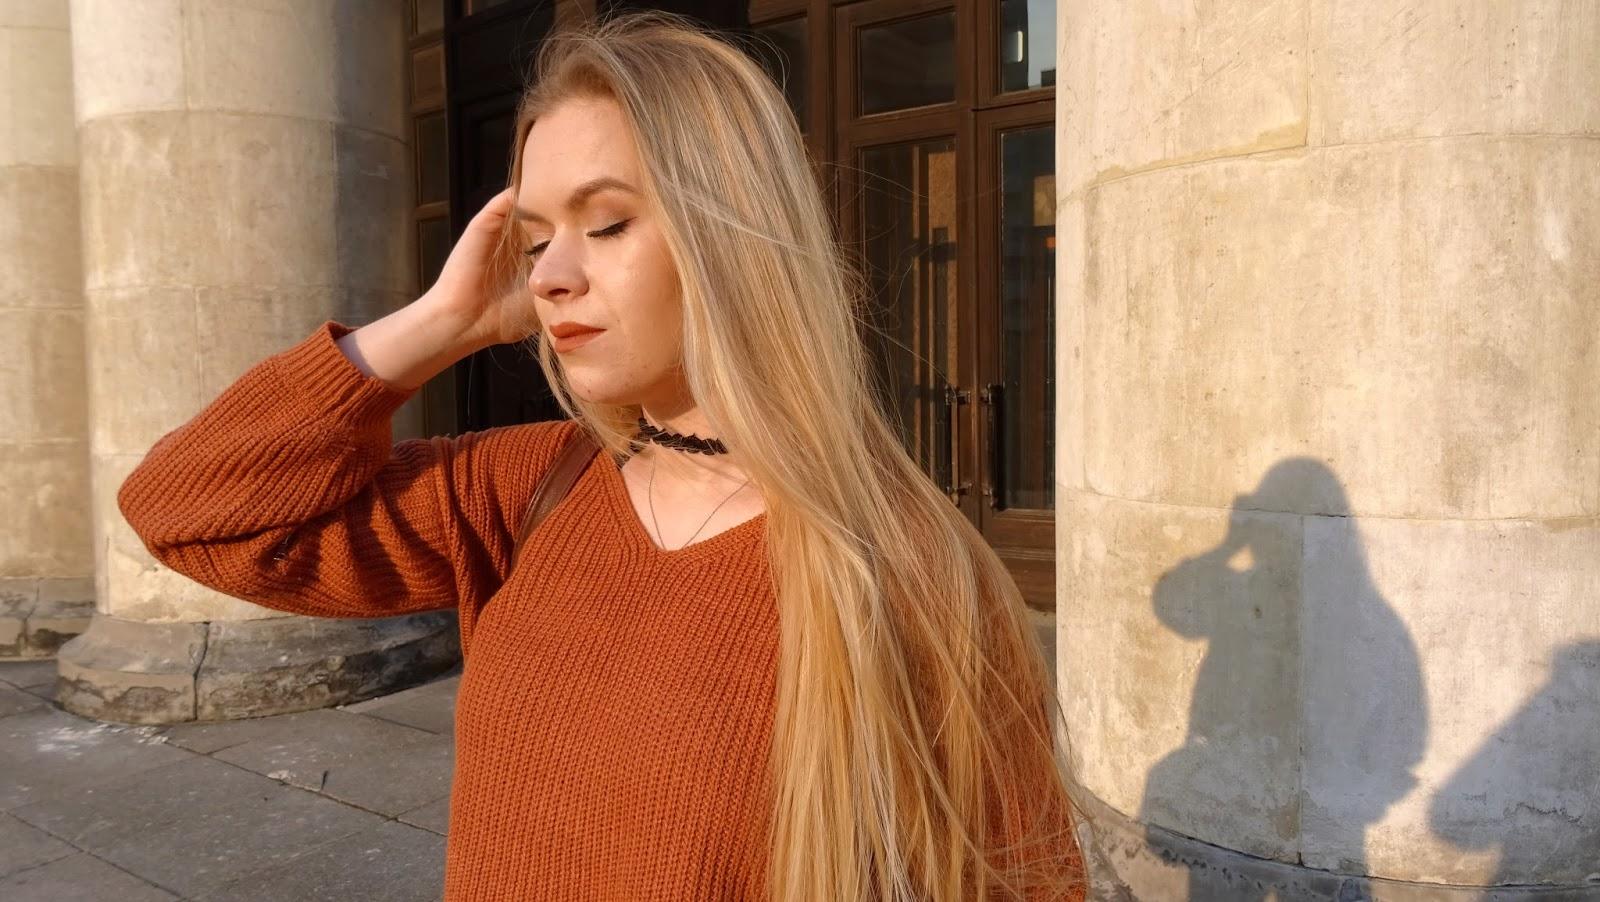 pomarańczowy sweter długie blond włosy